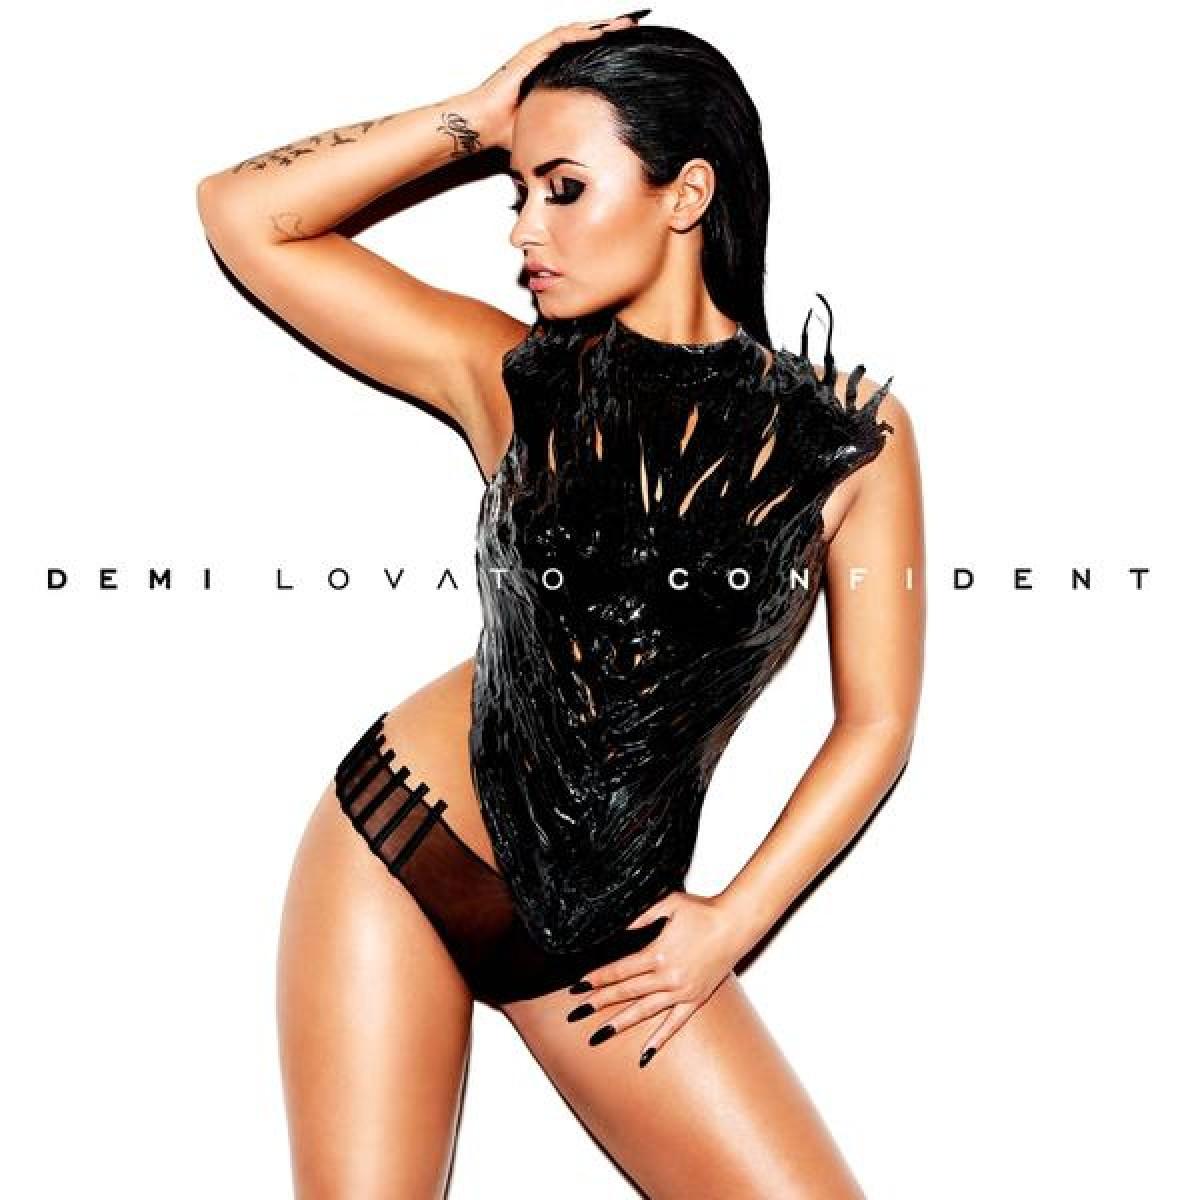 Demi Lovato, muy sexy en la portada de su nuevo disco